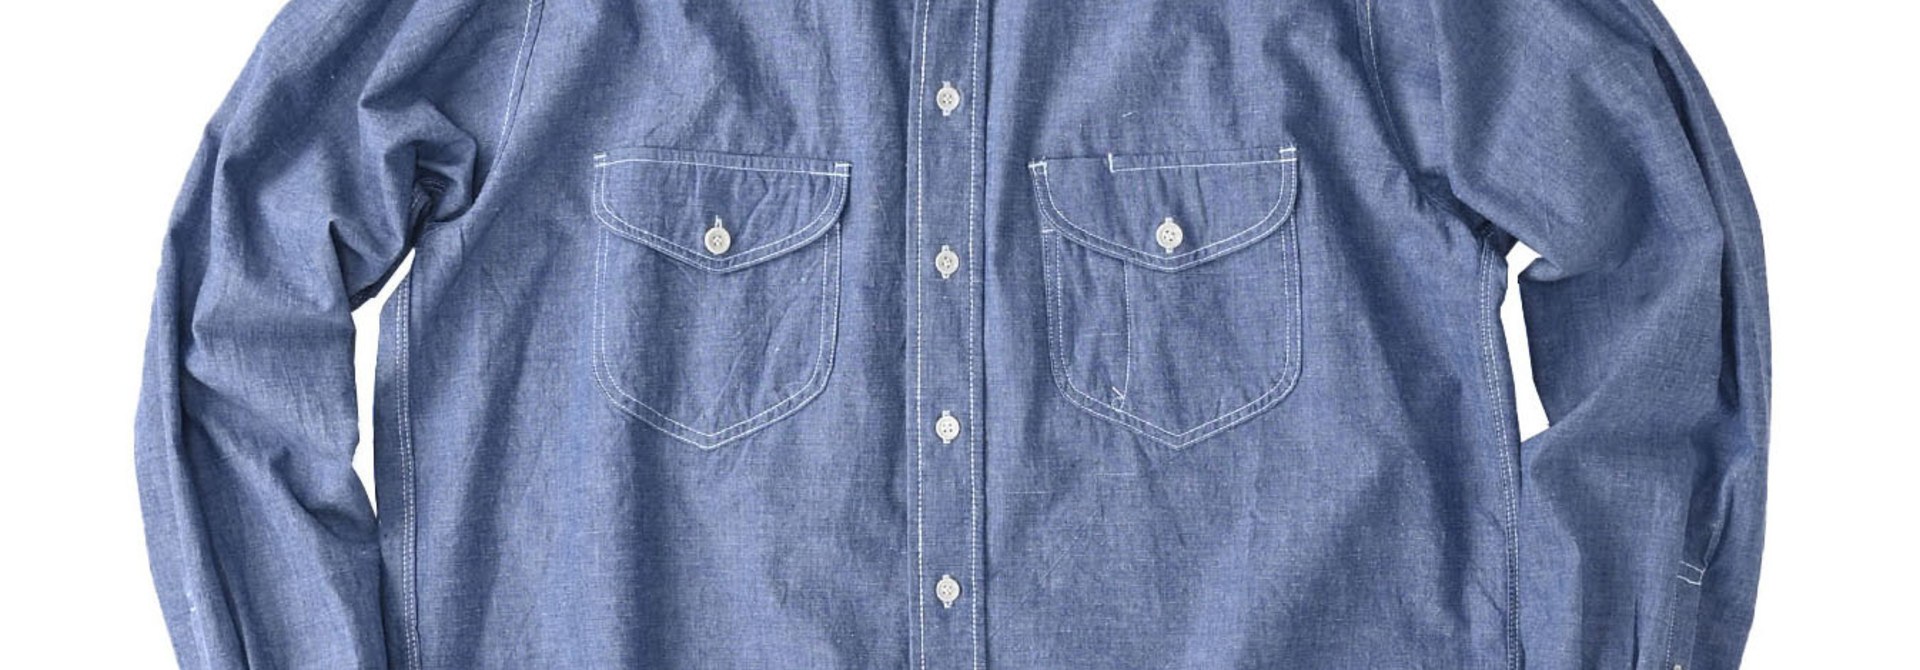 Okome-hira Dungaree 908 Ocean Work Shirt (0621)